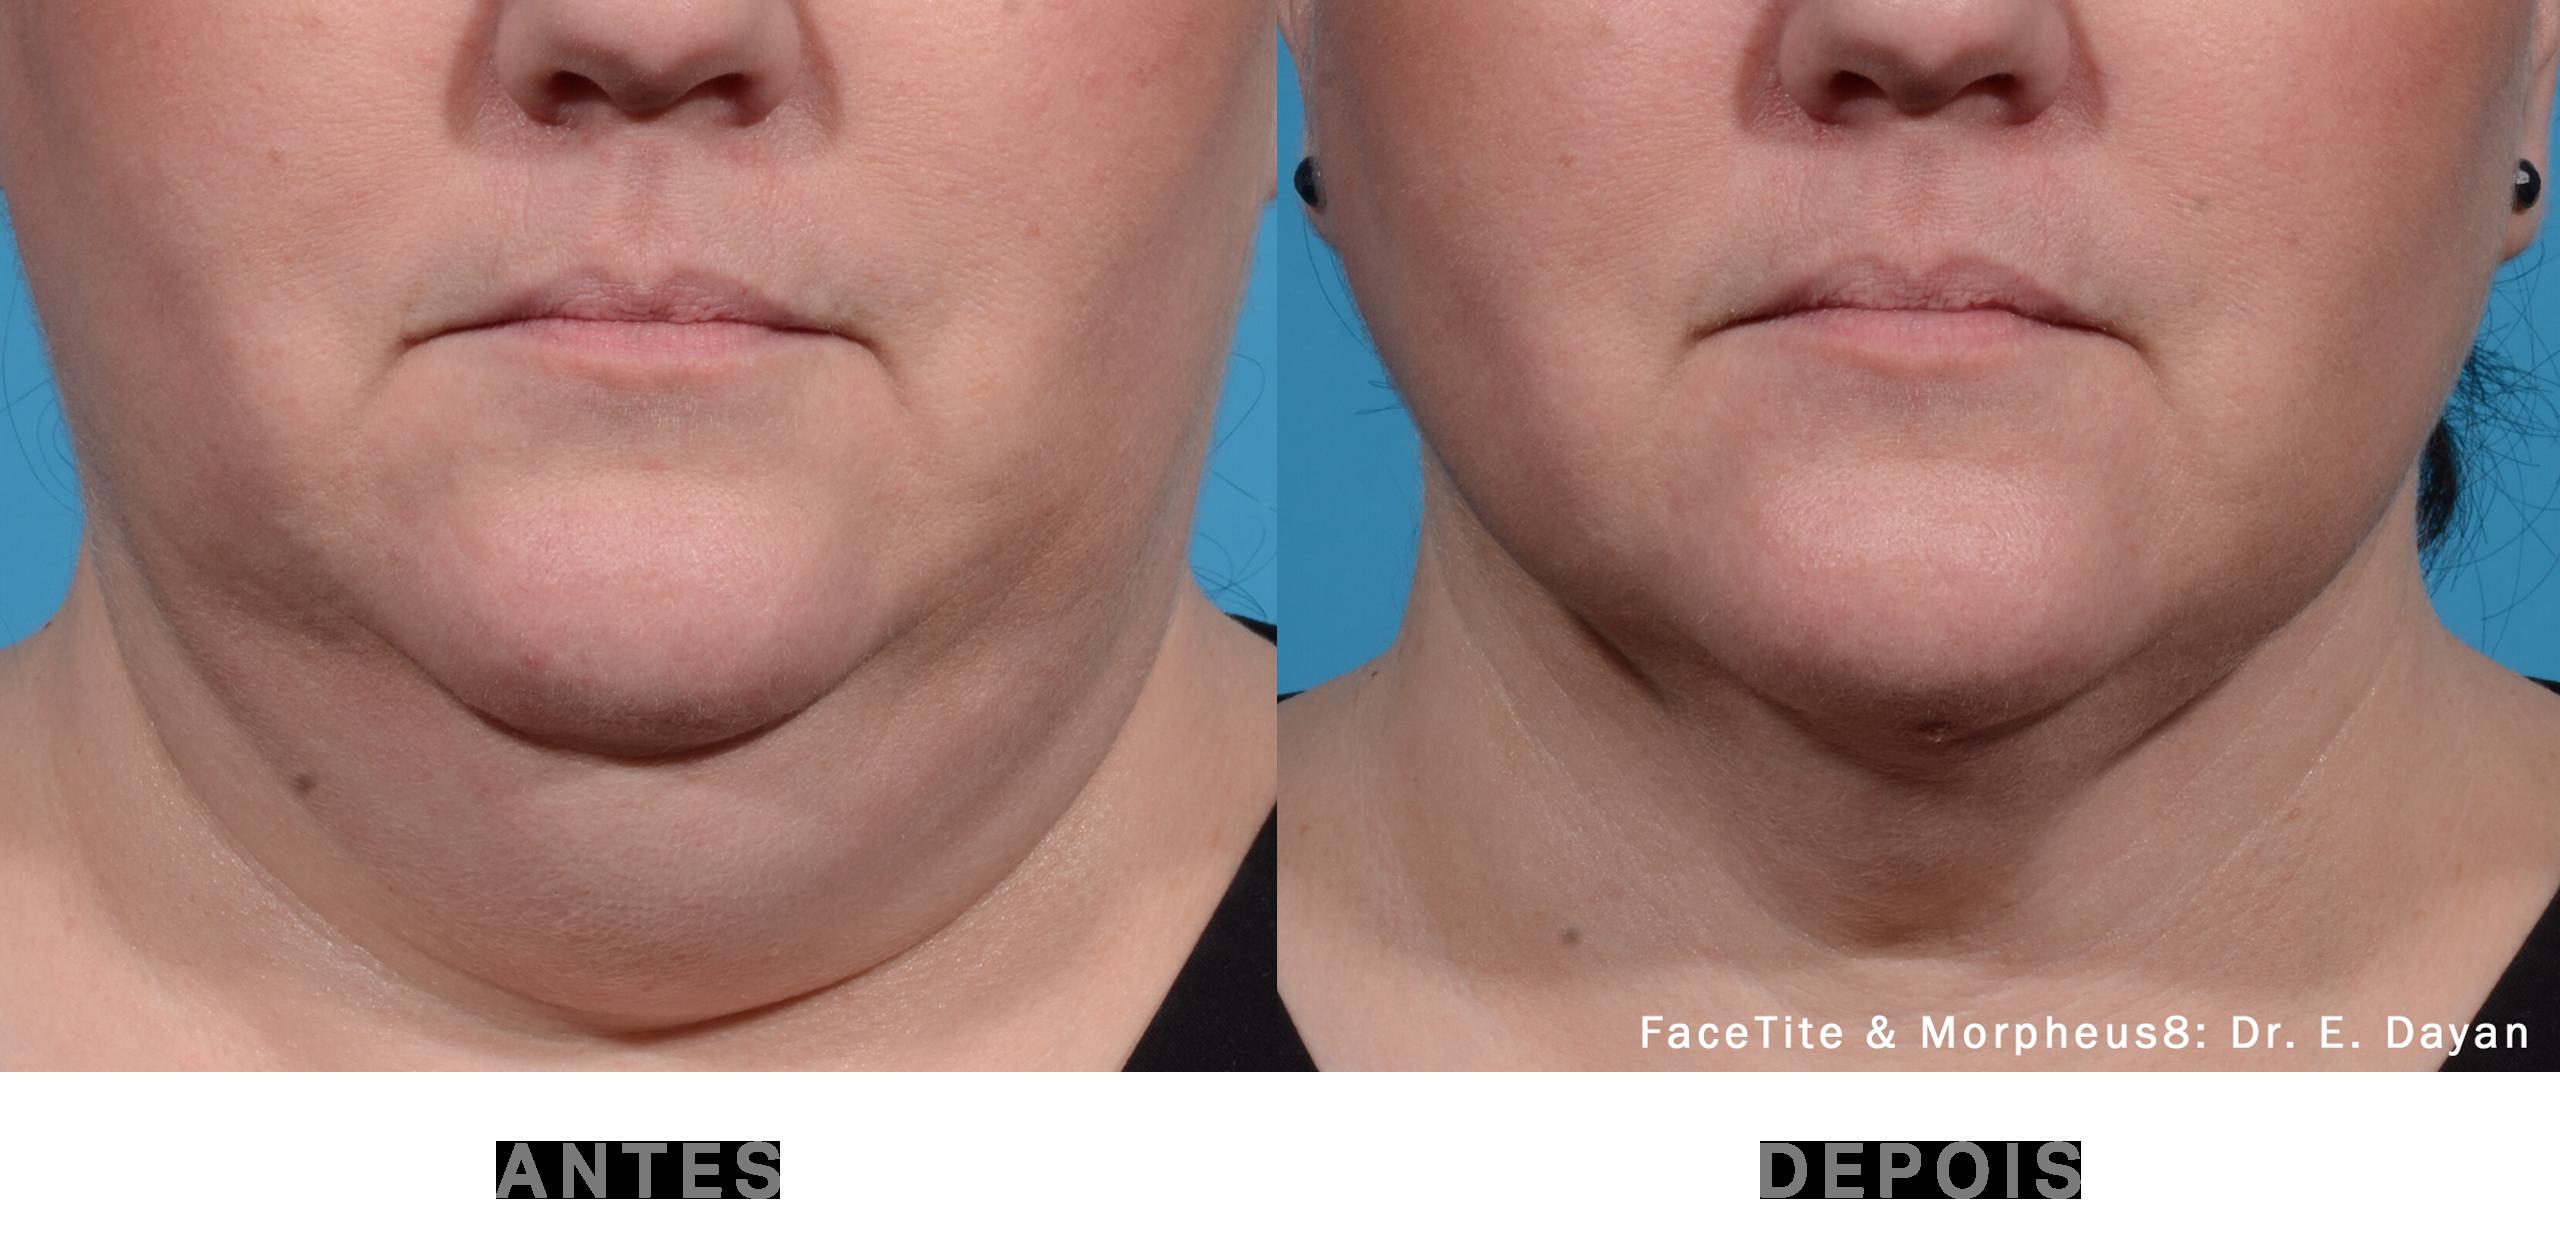 Antes e depois_FaceTite 1